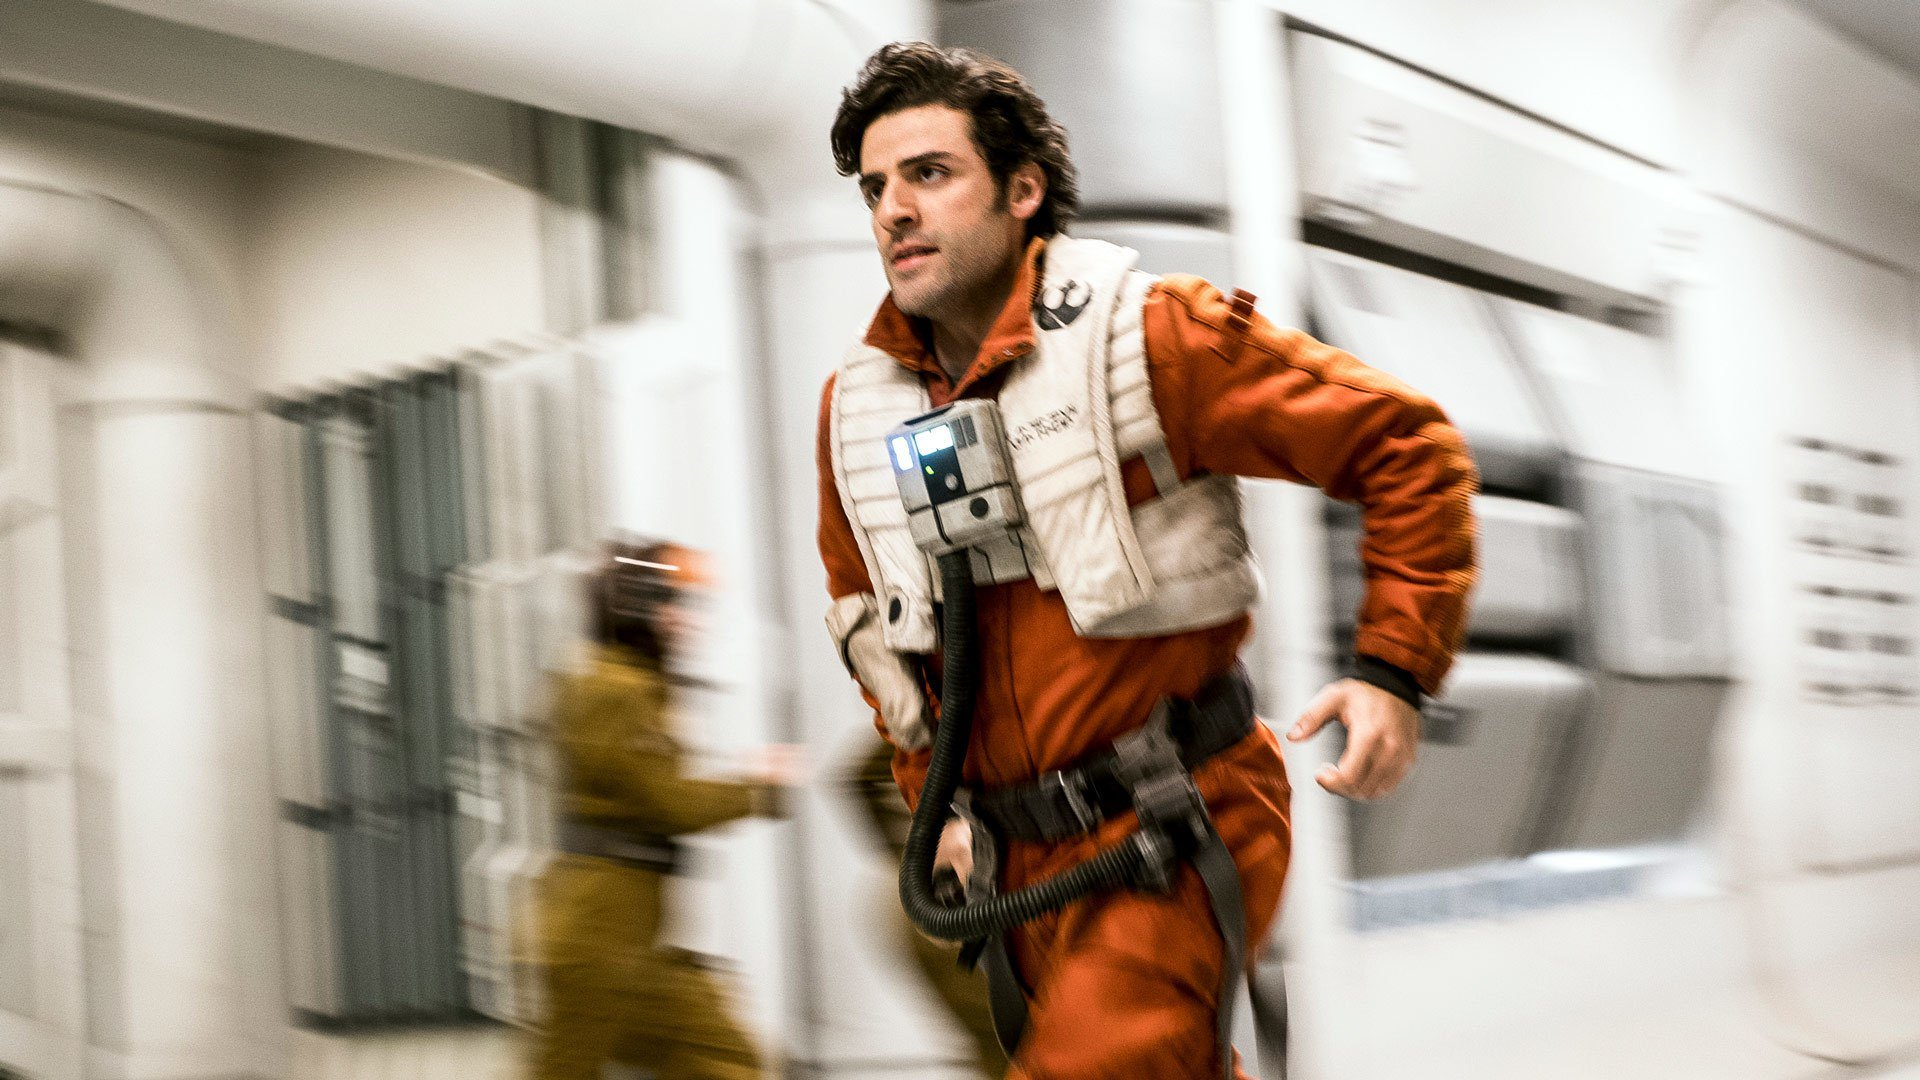 Let's lovingly nitpick 'Star Wars: The Last Jedi' to death https://t.co/BZlVfA03QK https://t.co/iYWNPVZwwZ